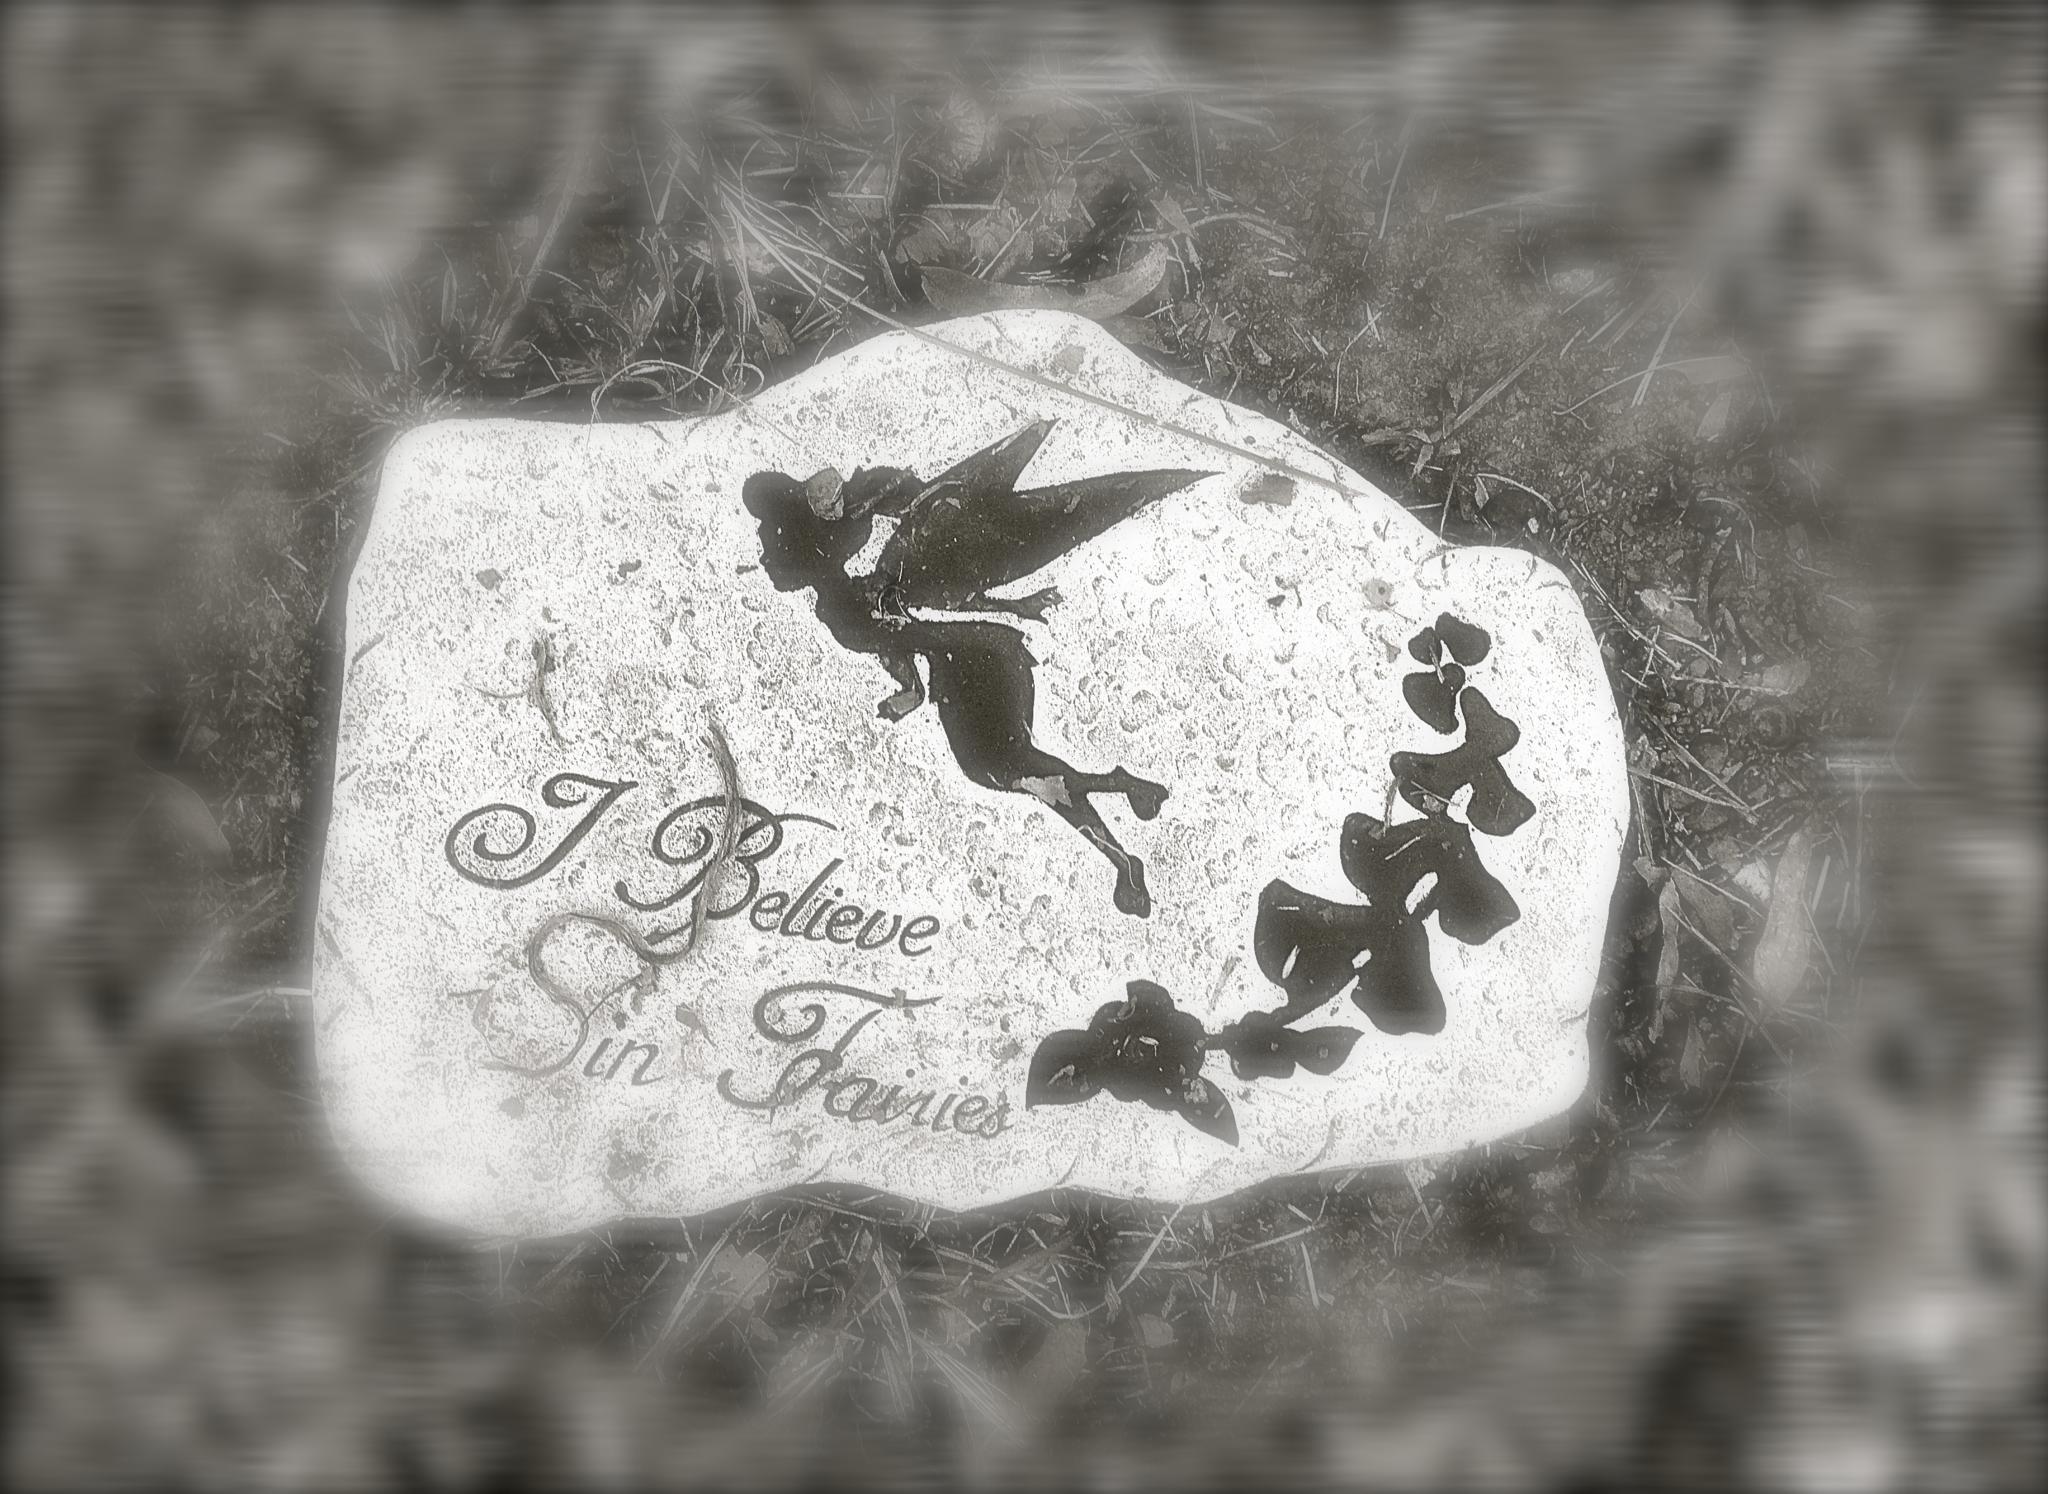 I Believe in Fairies by jmedlin61